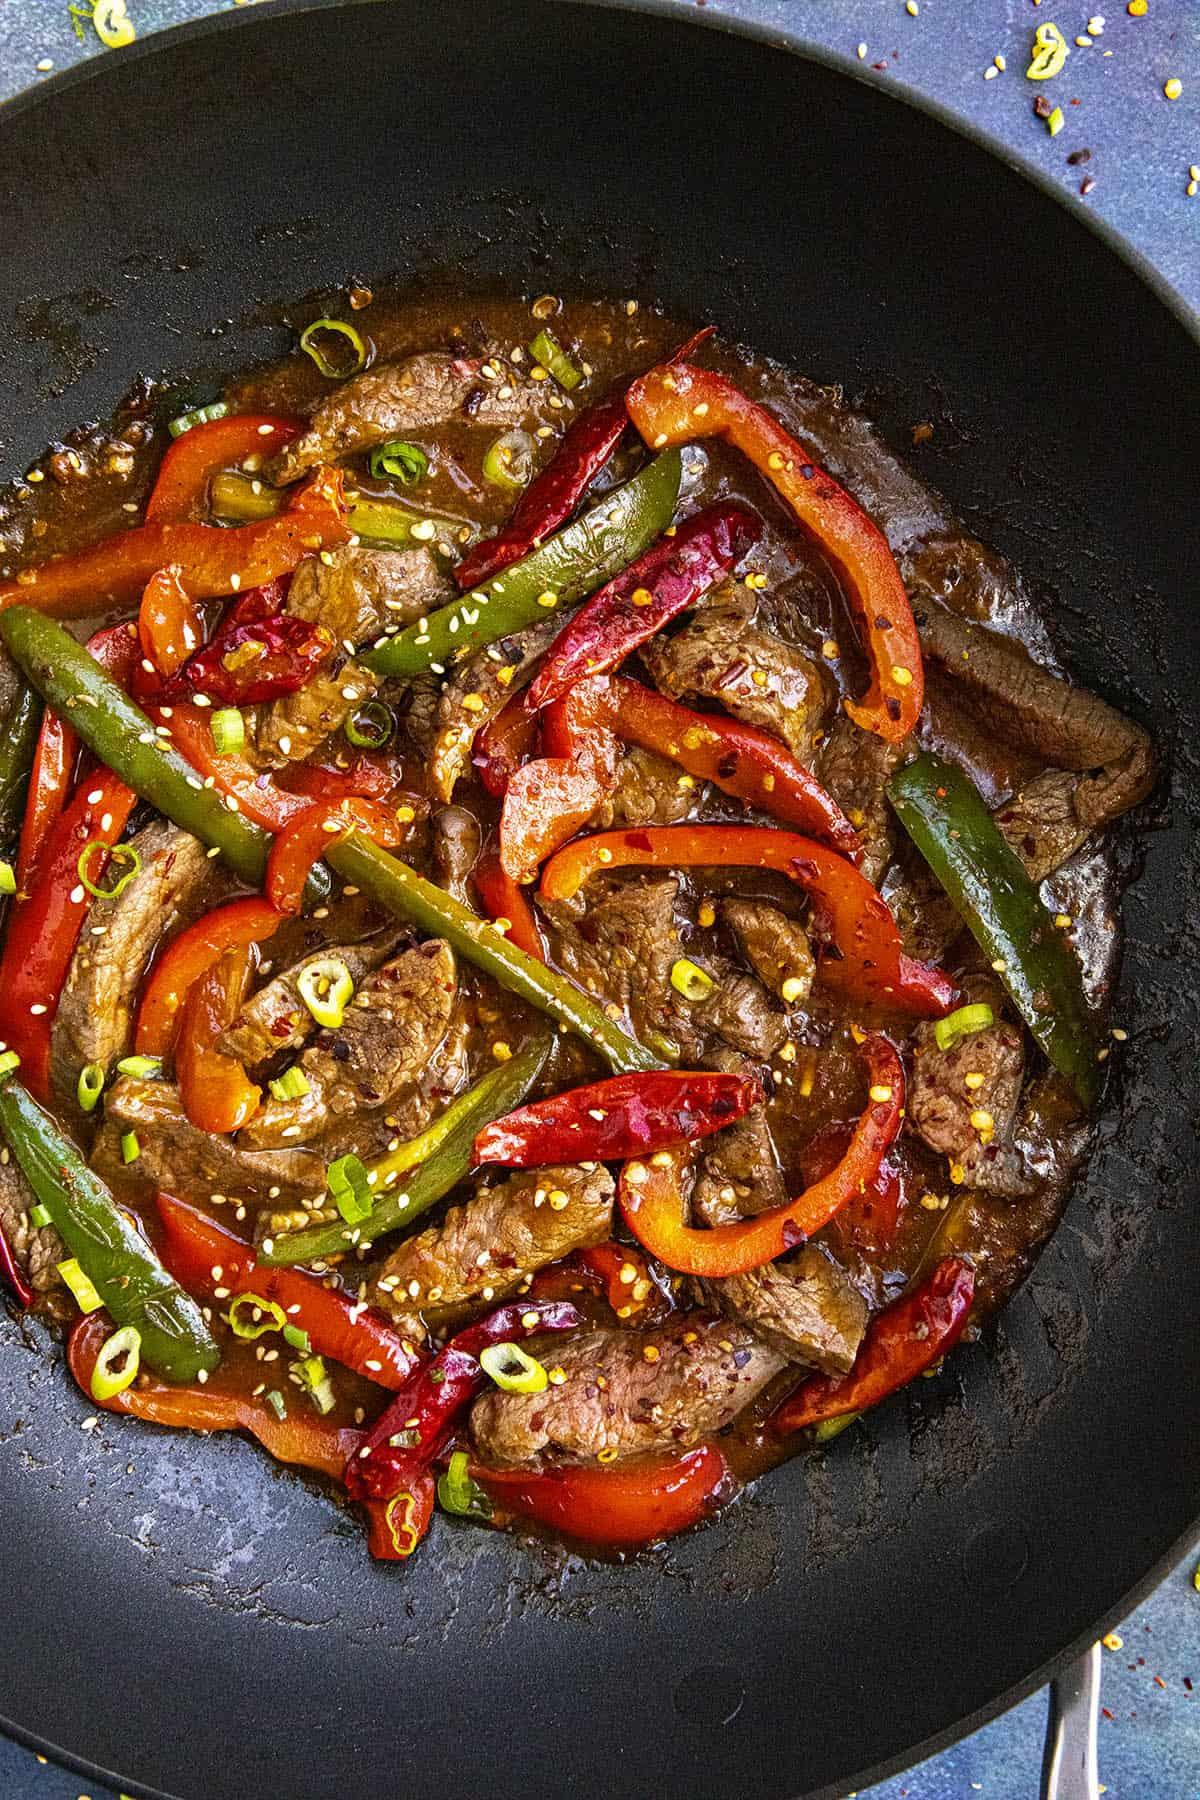 Szechuan Beef in a pan